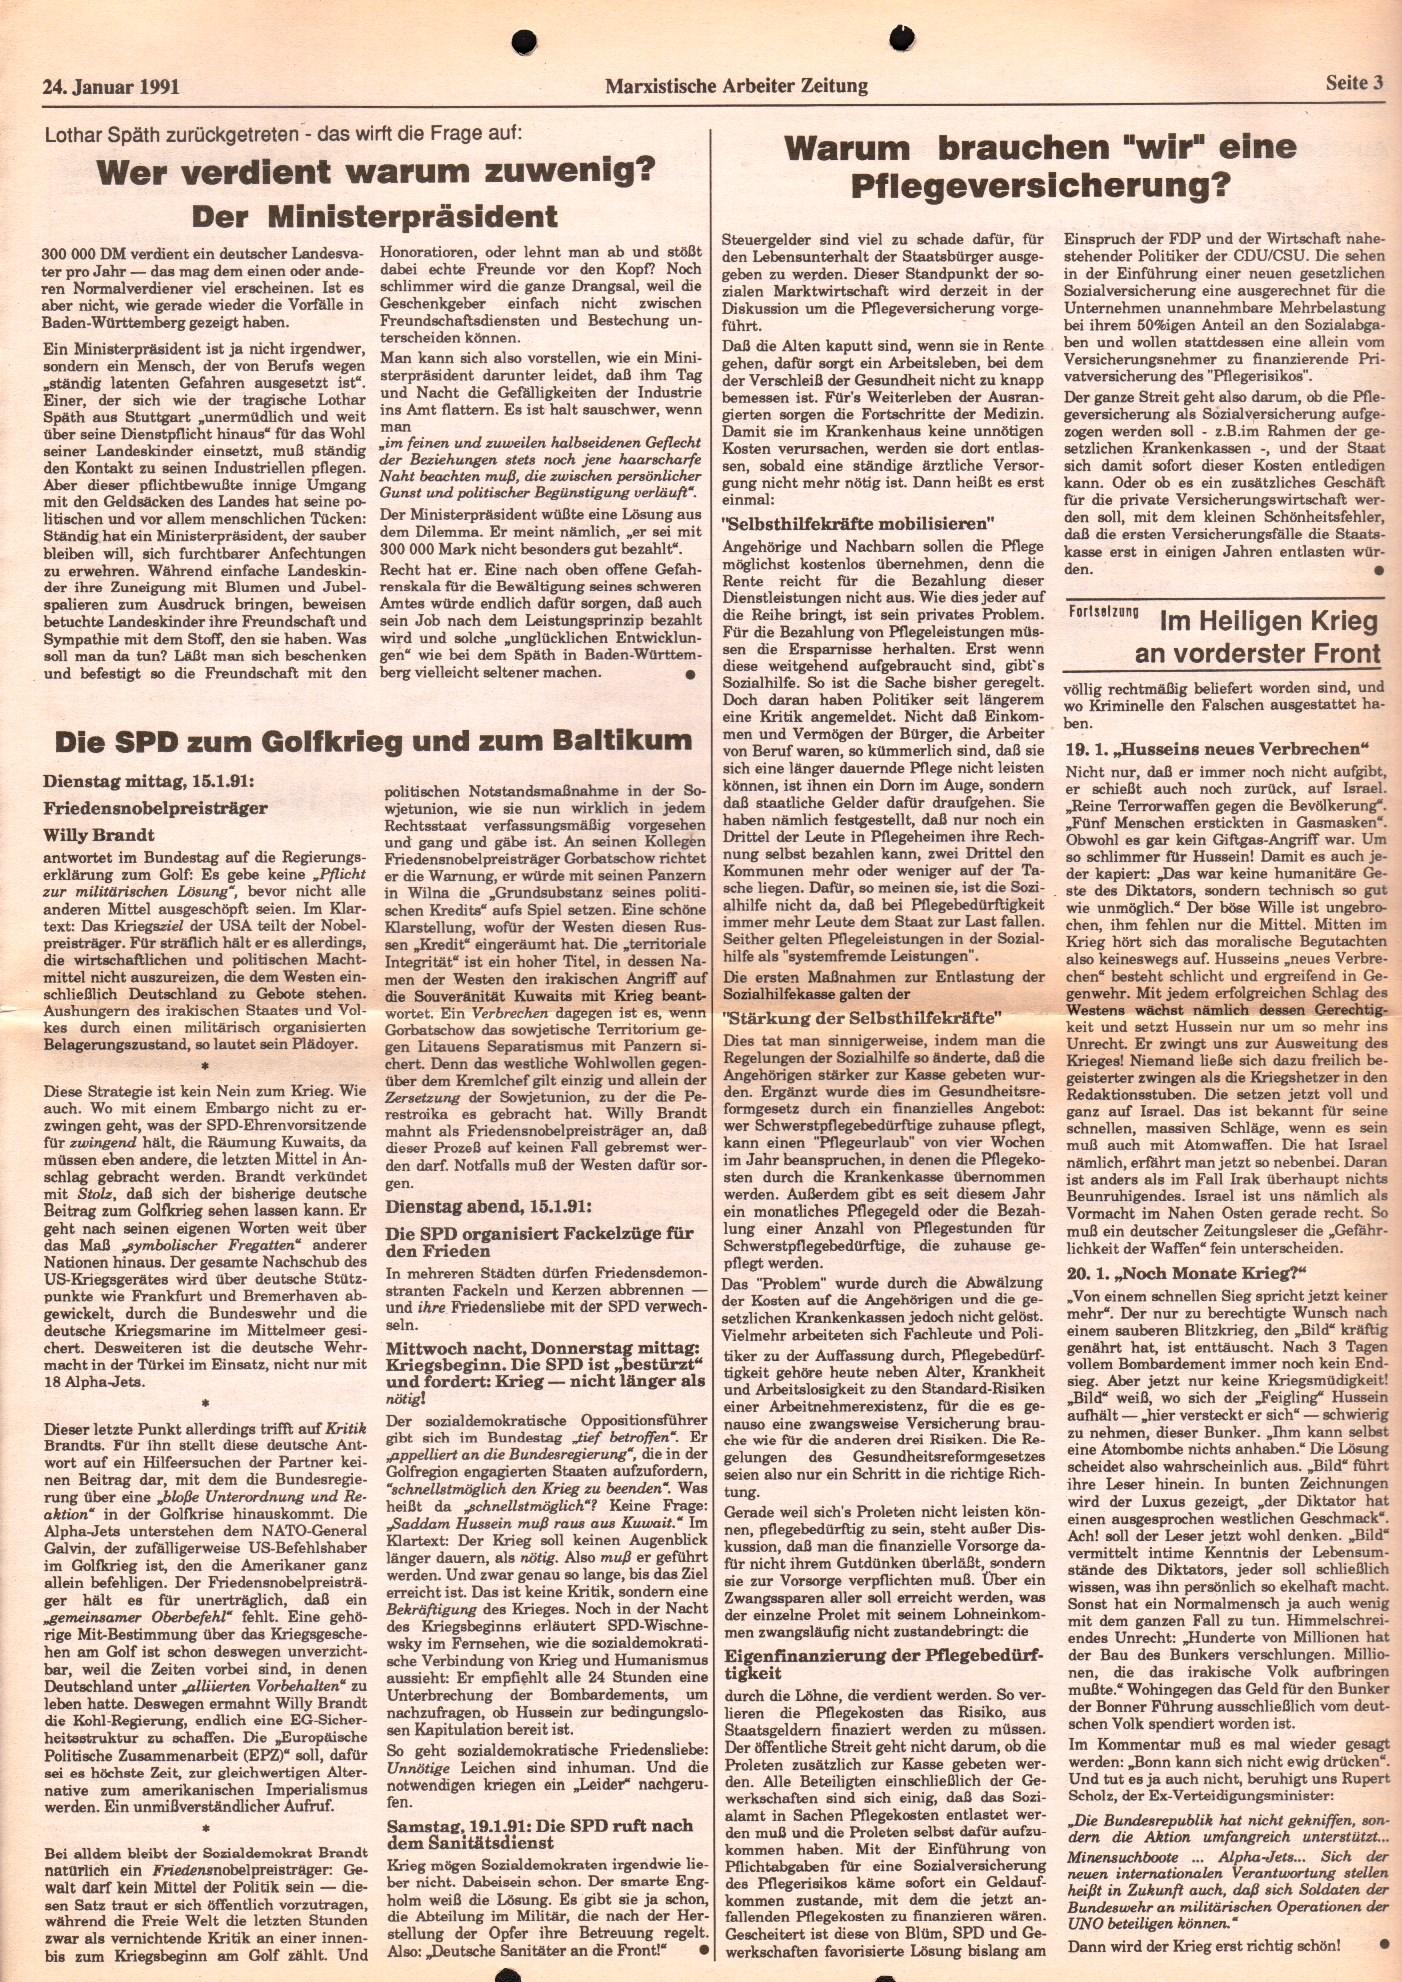 BW_MG_Marxistische_Arbeiterzeitung_19910124_03